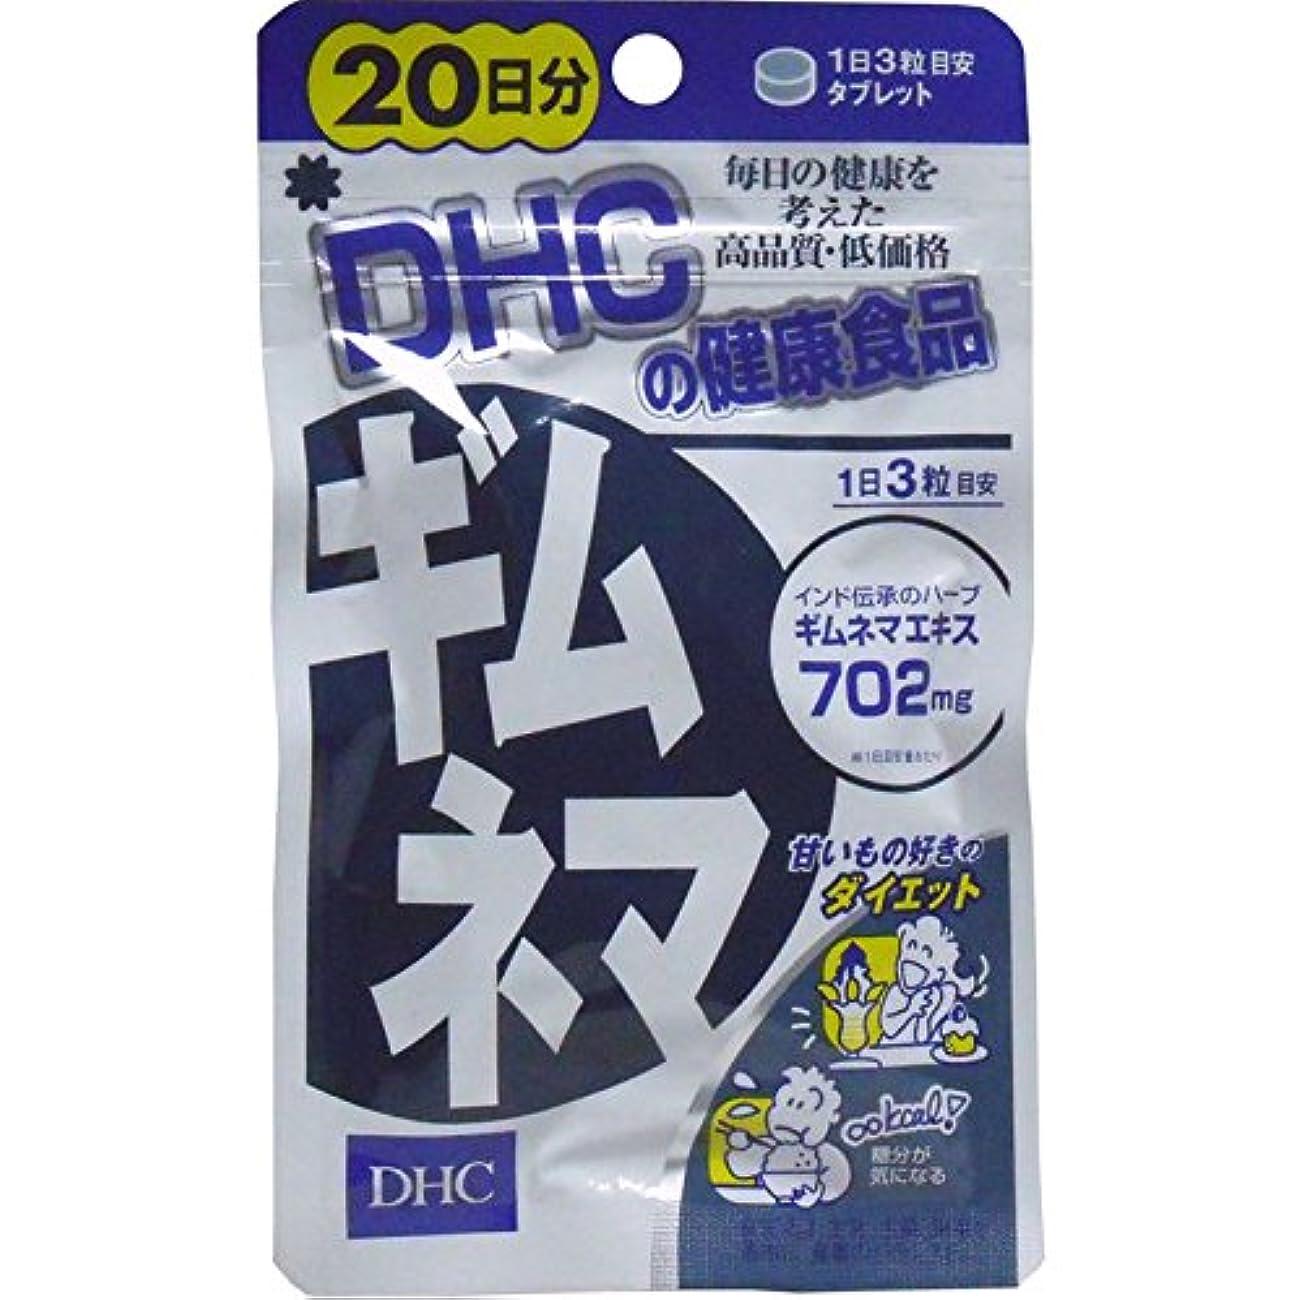 解釈夕方アルプスダイエット 美容 健康 余分な糖分をブロック 便利 DHC ギムネマ 20日分 60粒